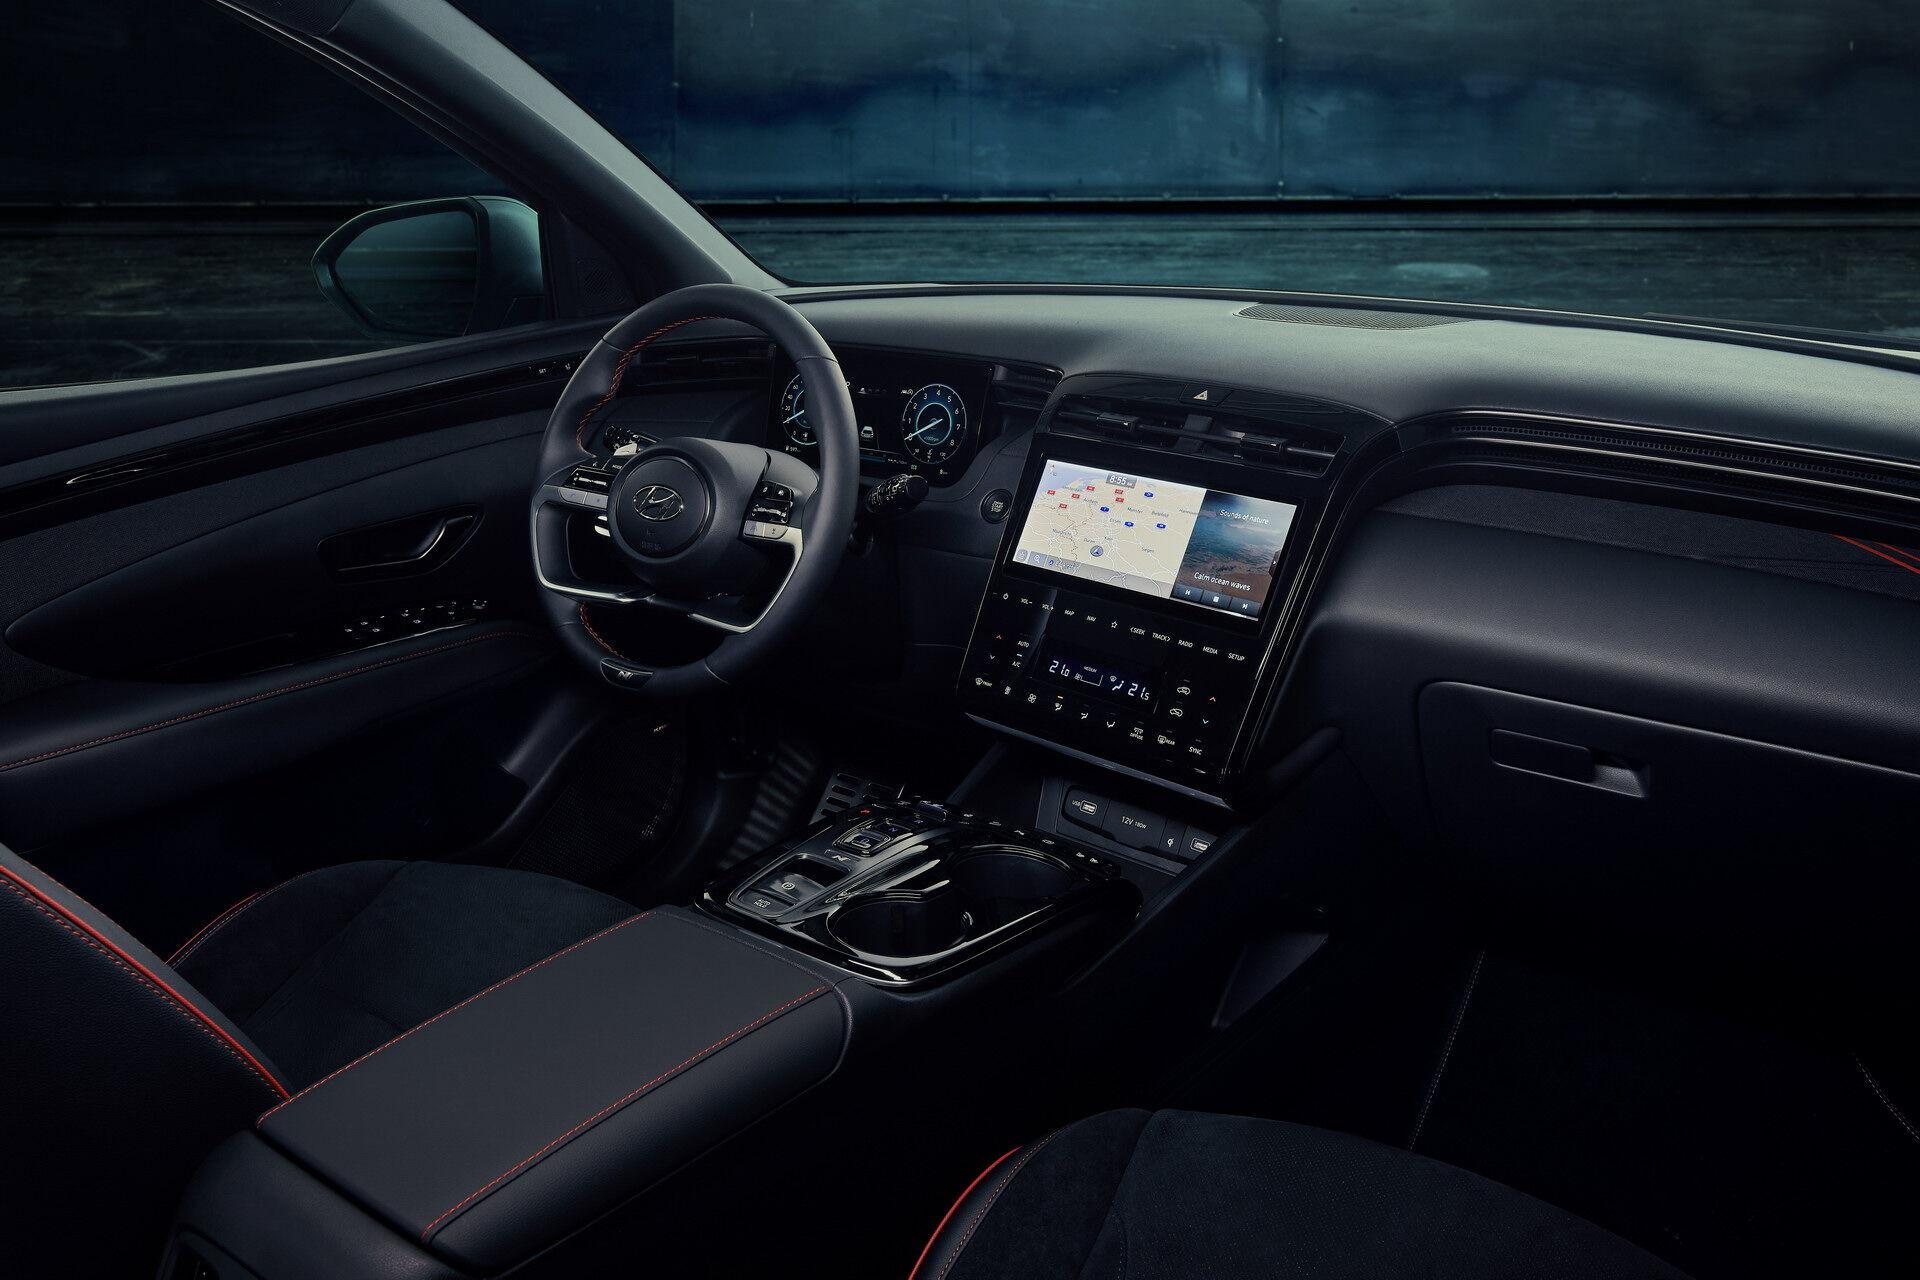 Автомобиль щеголяет полностью цифровым кокпитом с двумя 10,25-дюймовыми дисплеями